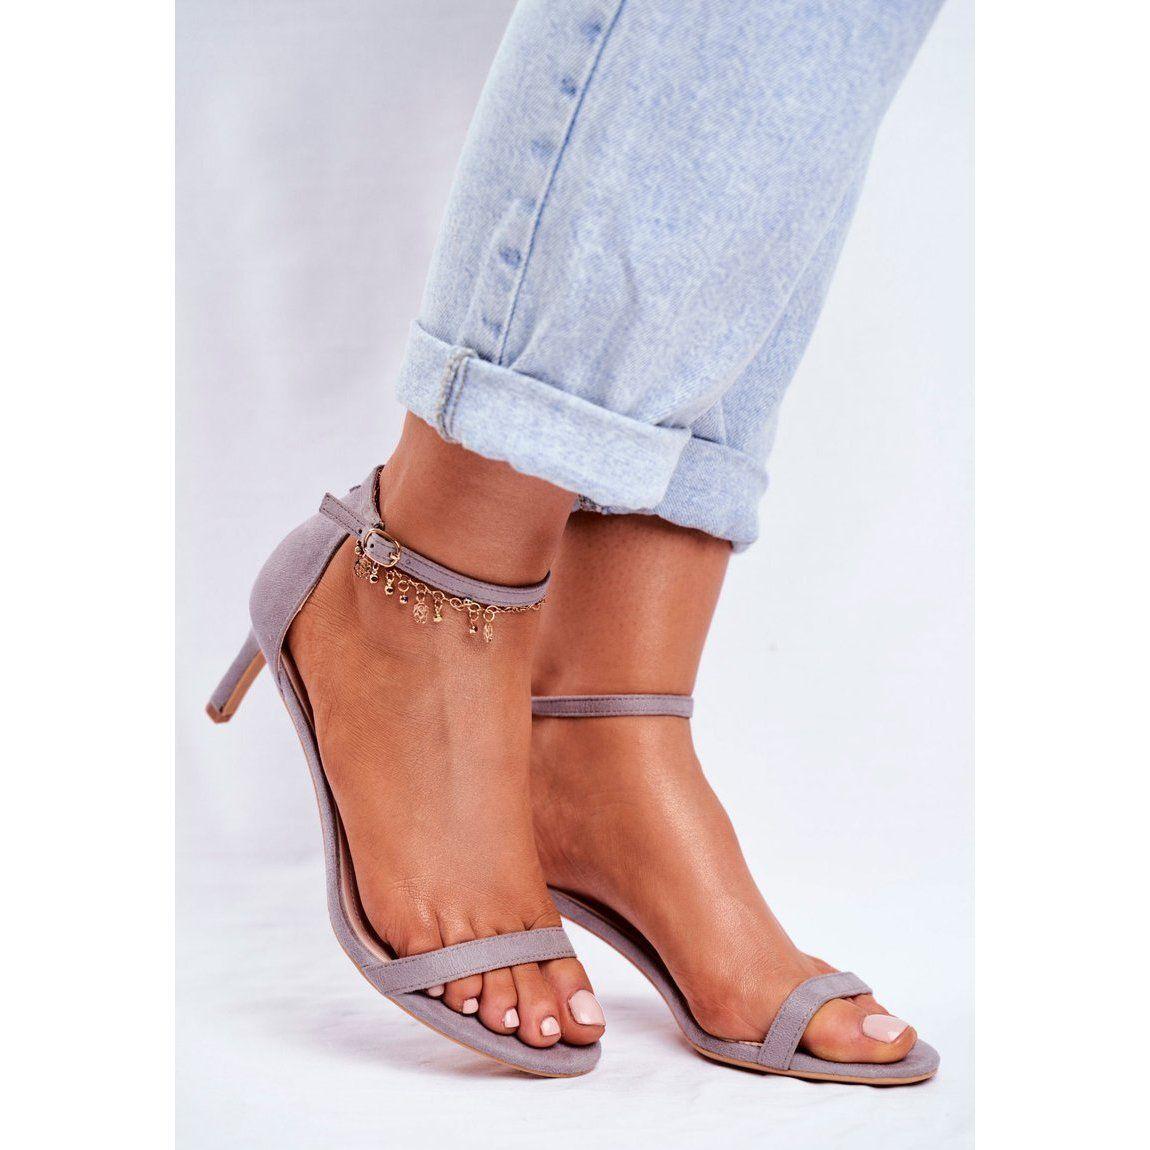 Ps1 Sandaly Damskie Na Szpilce Klasyczne Szare Mintore Shoes Sandals Sandals Heels